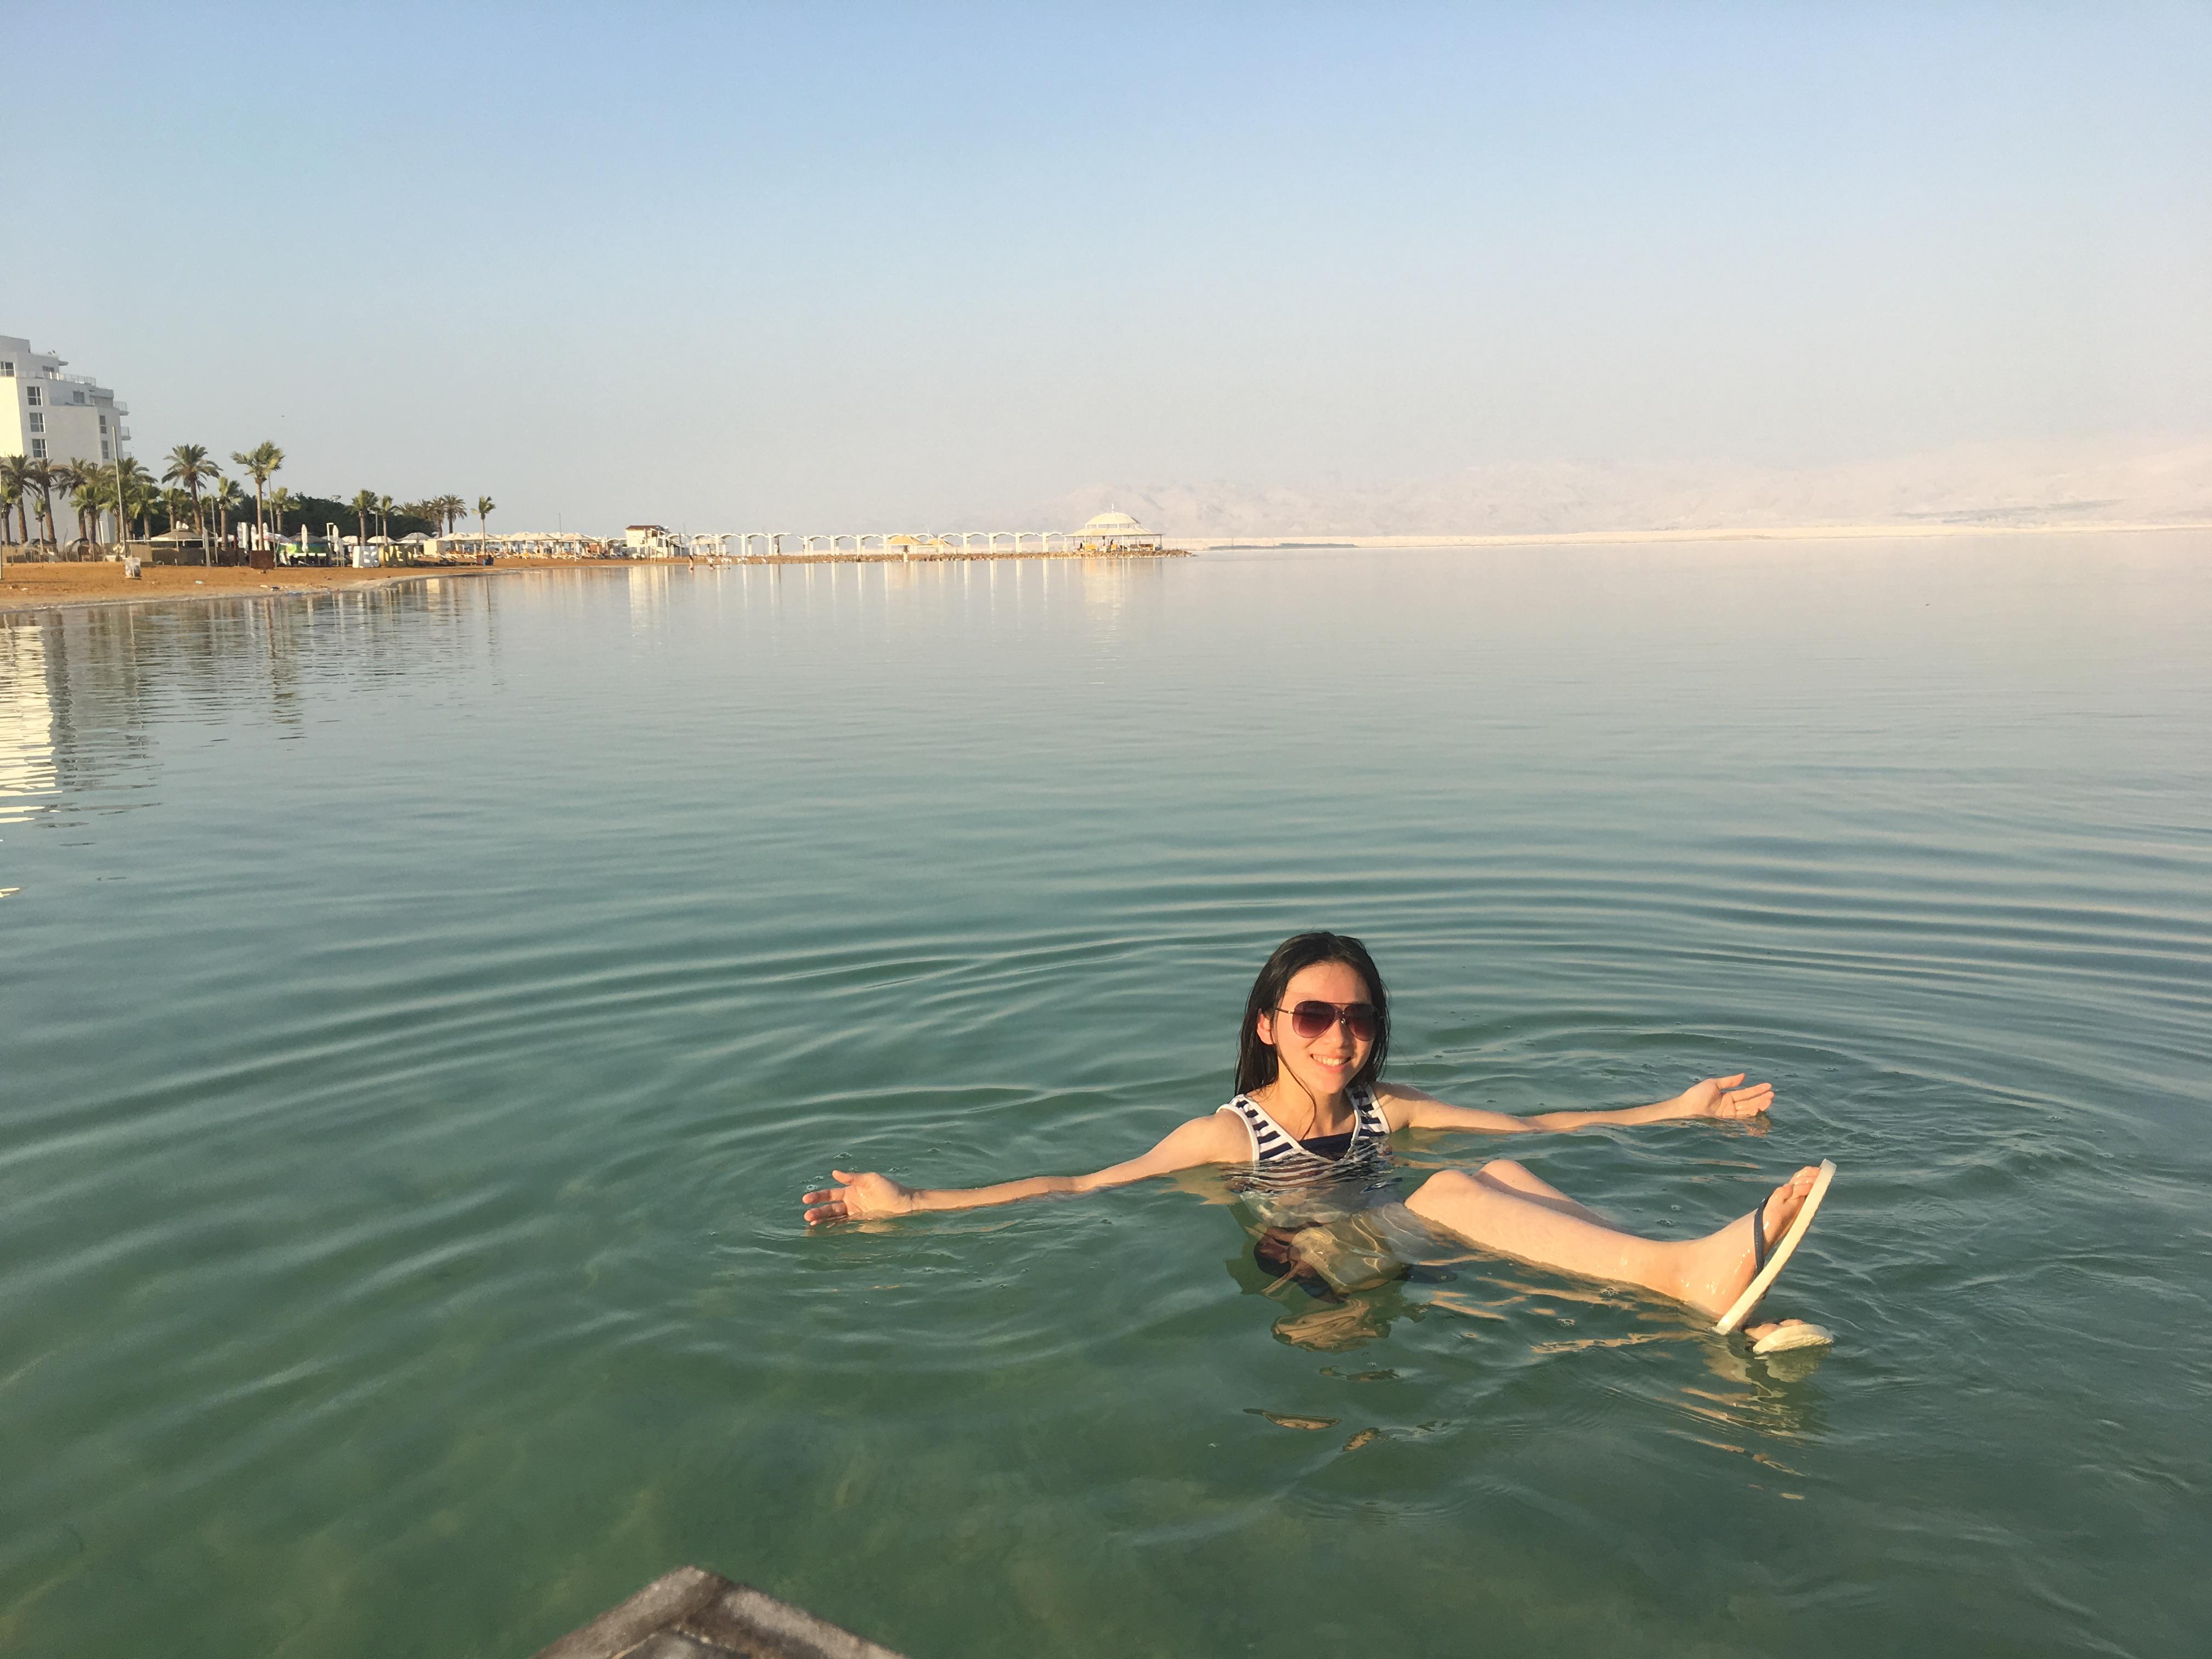 「躺在死海上真的非常舒服。」高珮瑄回憶道。她坦承即便至今,仍十分想念在以色列的生活。 圖/高珮瑄提供